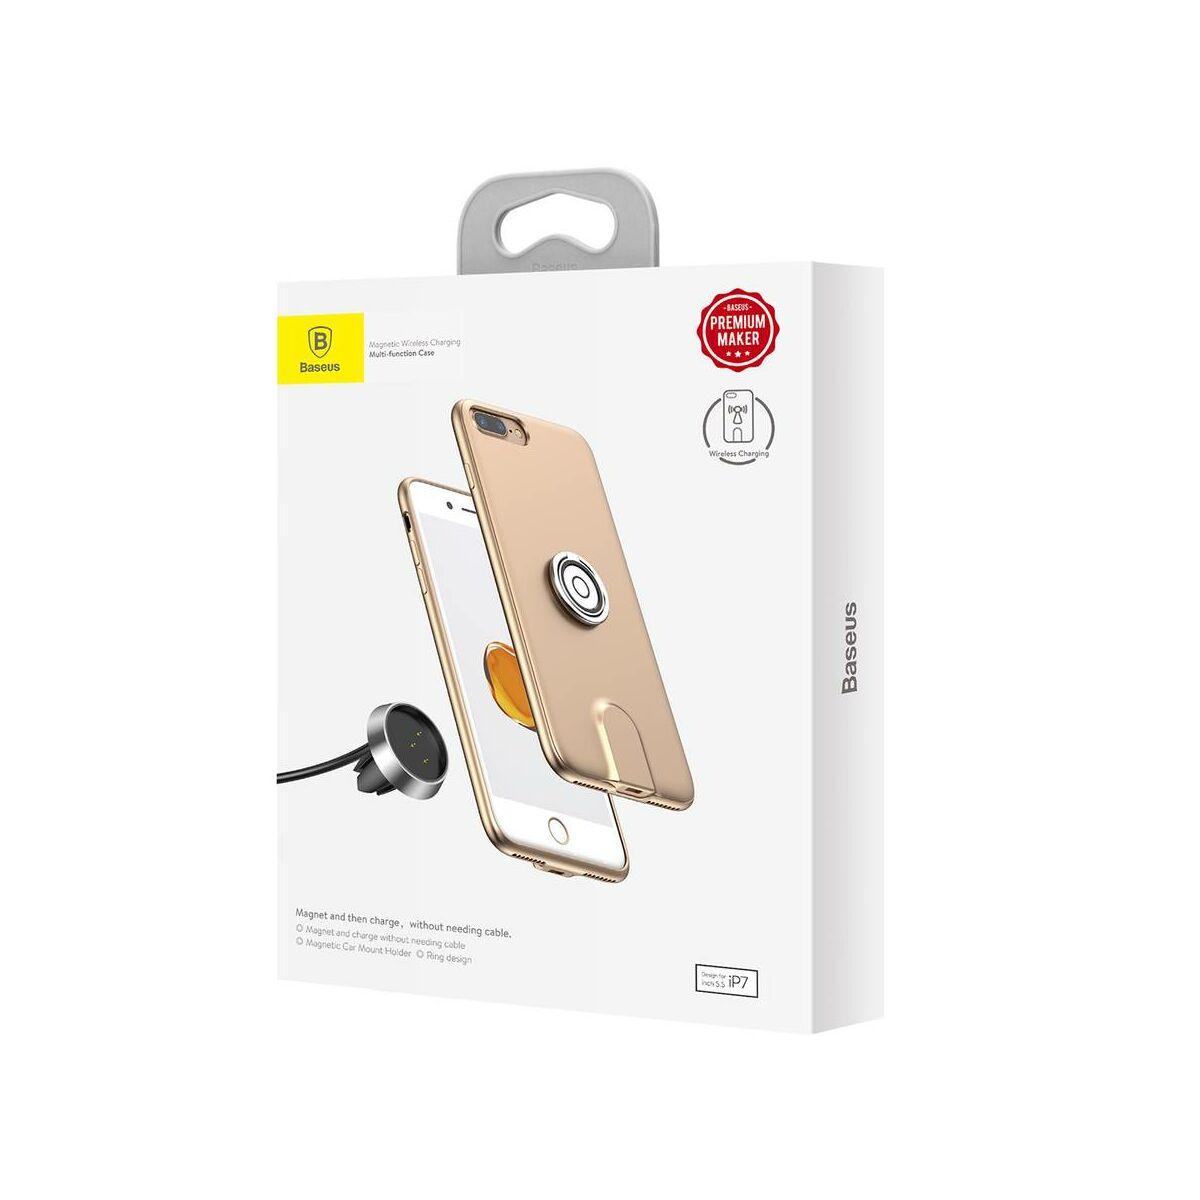 Baseus iPhone 8/7 tok, Mágneses, multifunkcionális, vezeték nélküli töltés támogatással, arany (WXAPIPH8N-17)